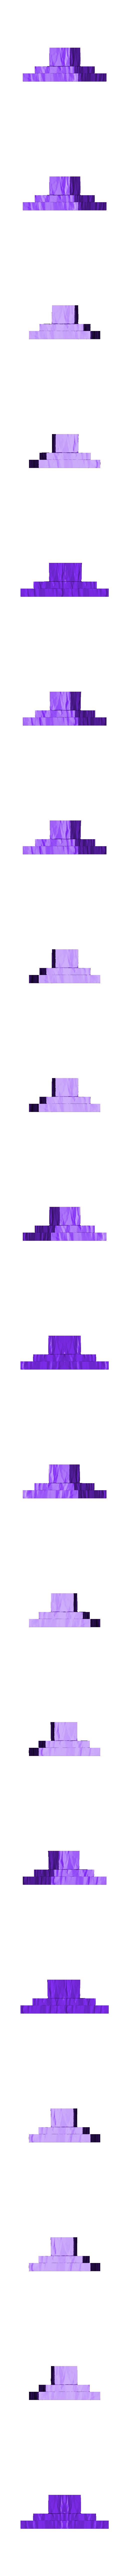 Demon Head + Base  Separate 17CM OBJ_SubTool2.obj Télécharger fichier OBJ Modèle d'impression 3D du buste du démon • Design imprimable en 3D, belksasar3dprint